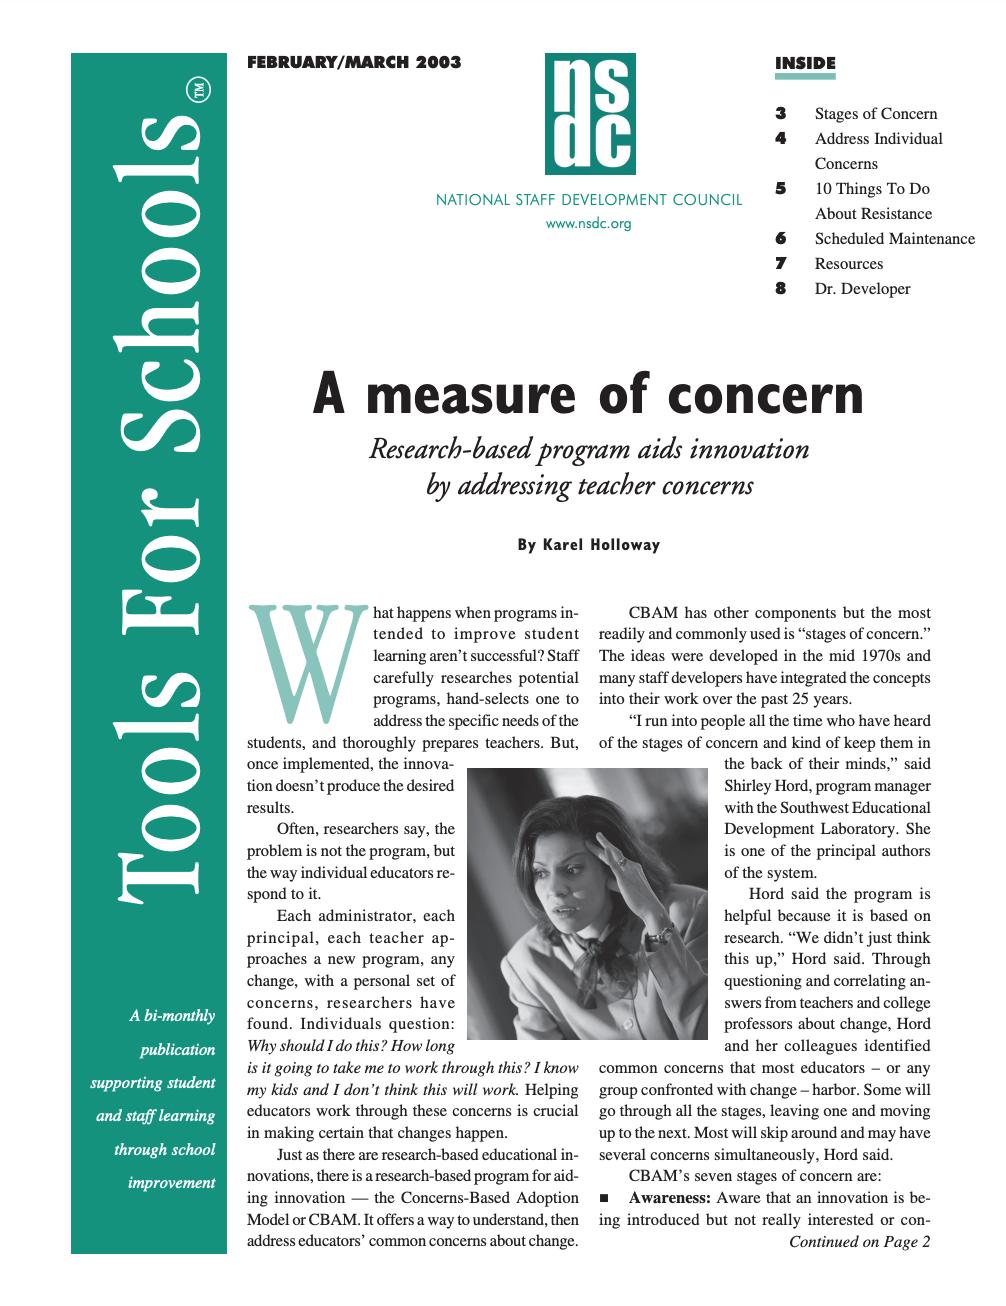 tools-for-schools-february-march-2003-vol-6-no-4